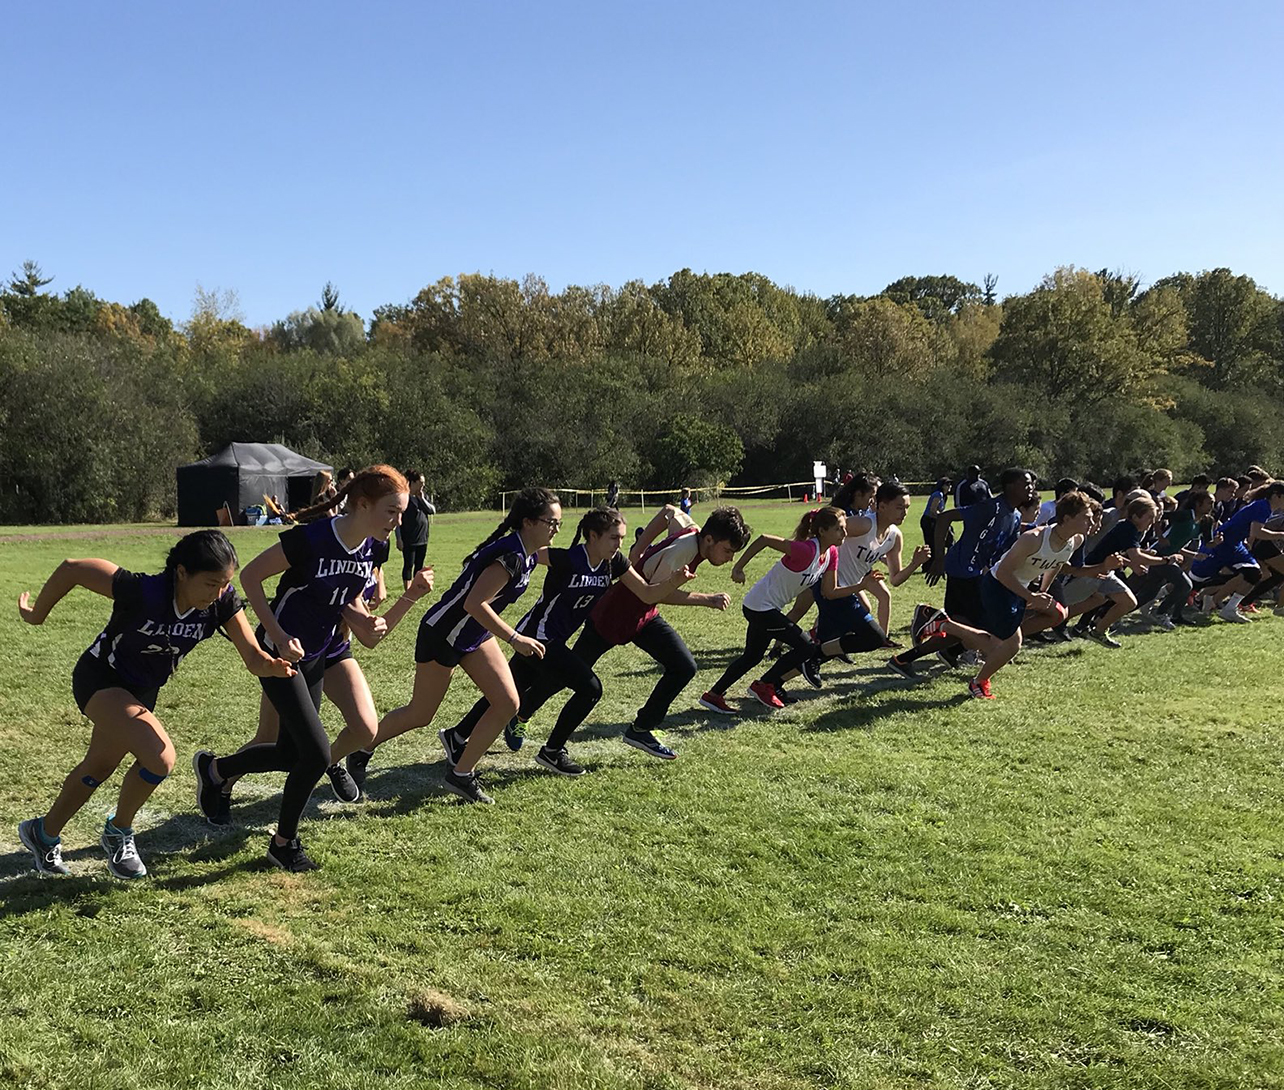 Runners_4.jpg